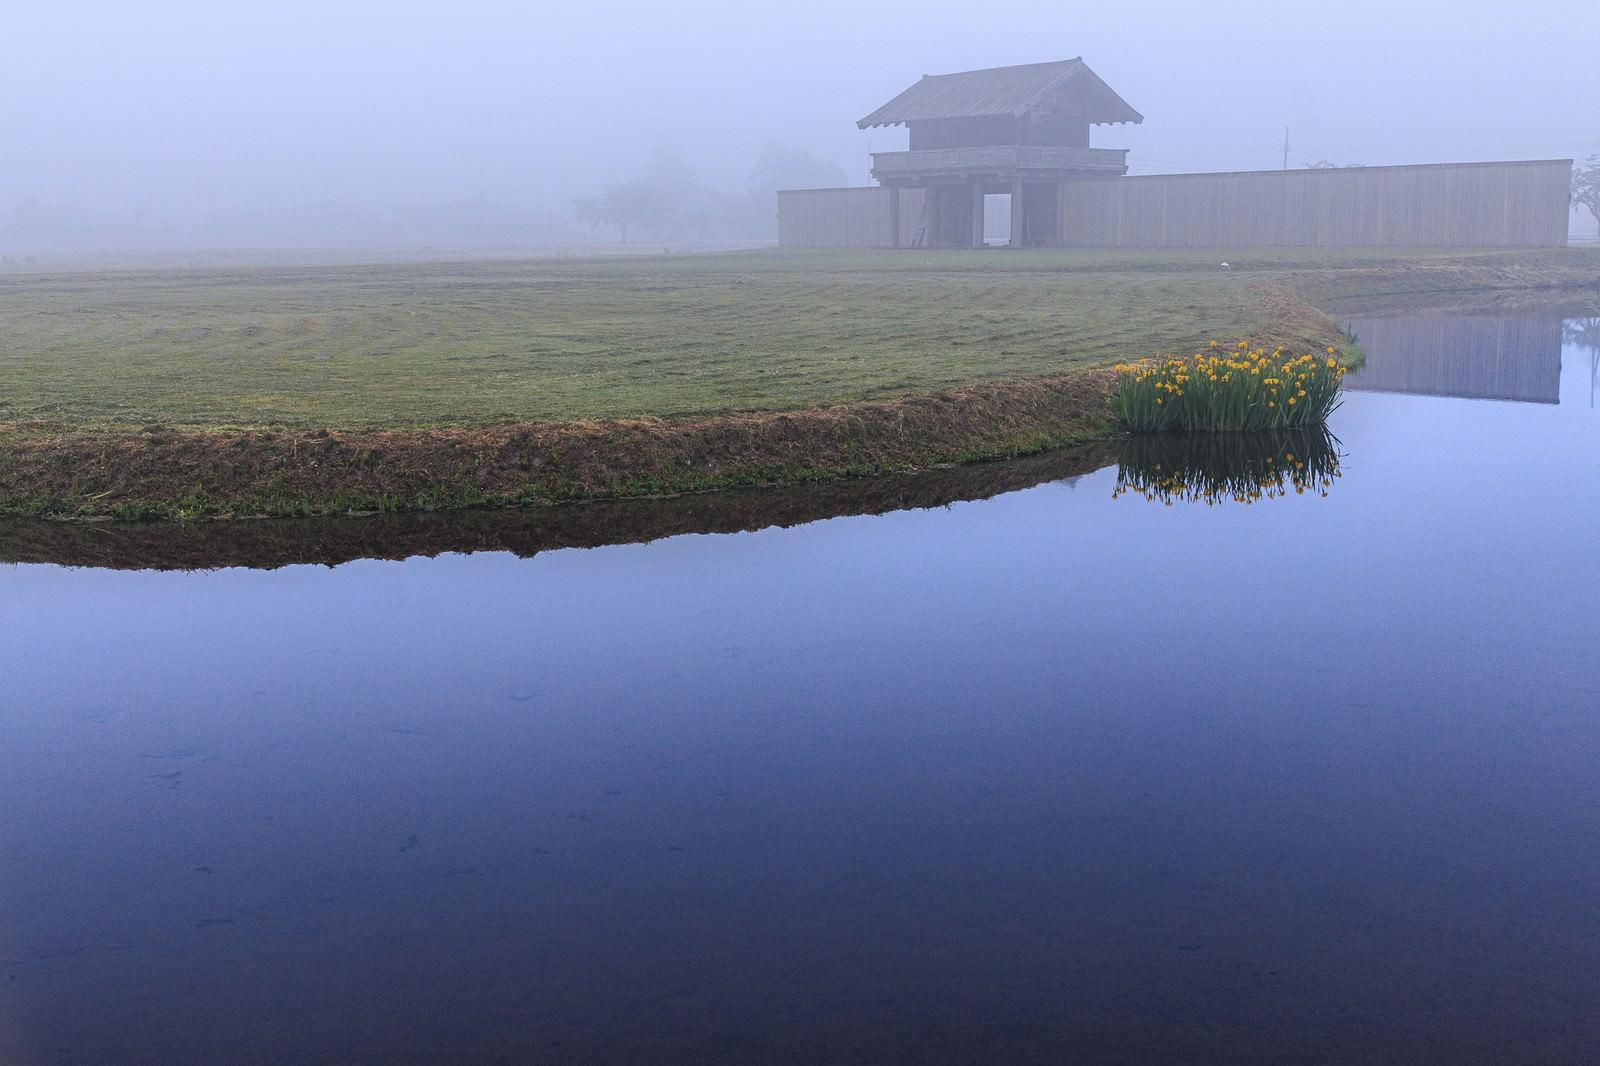 「朝霧に包まれる払田の柵(秋田県)」の写真